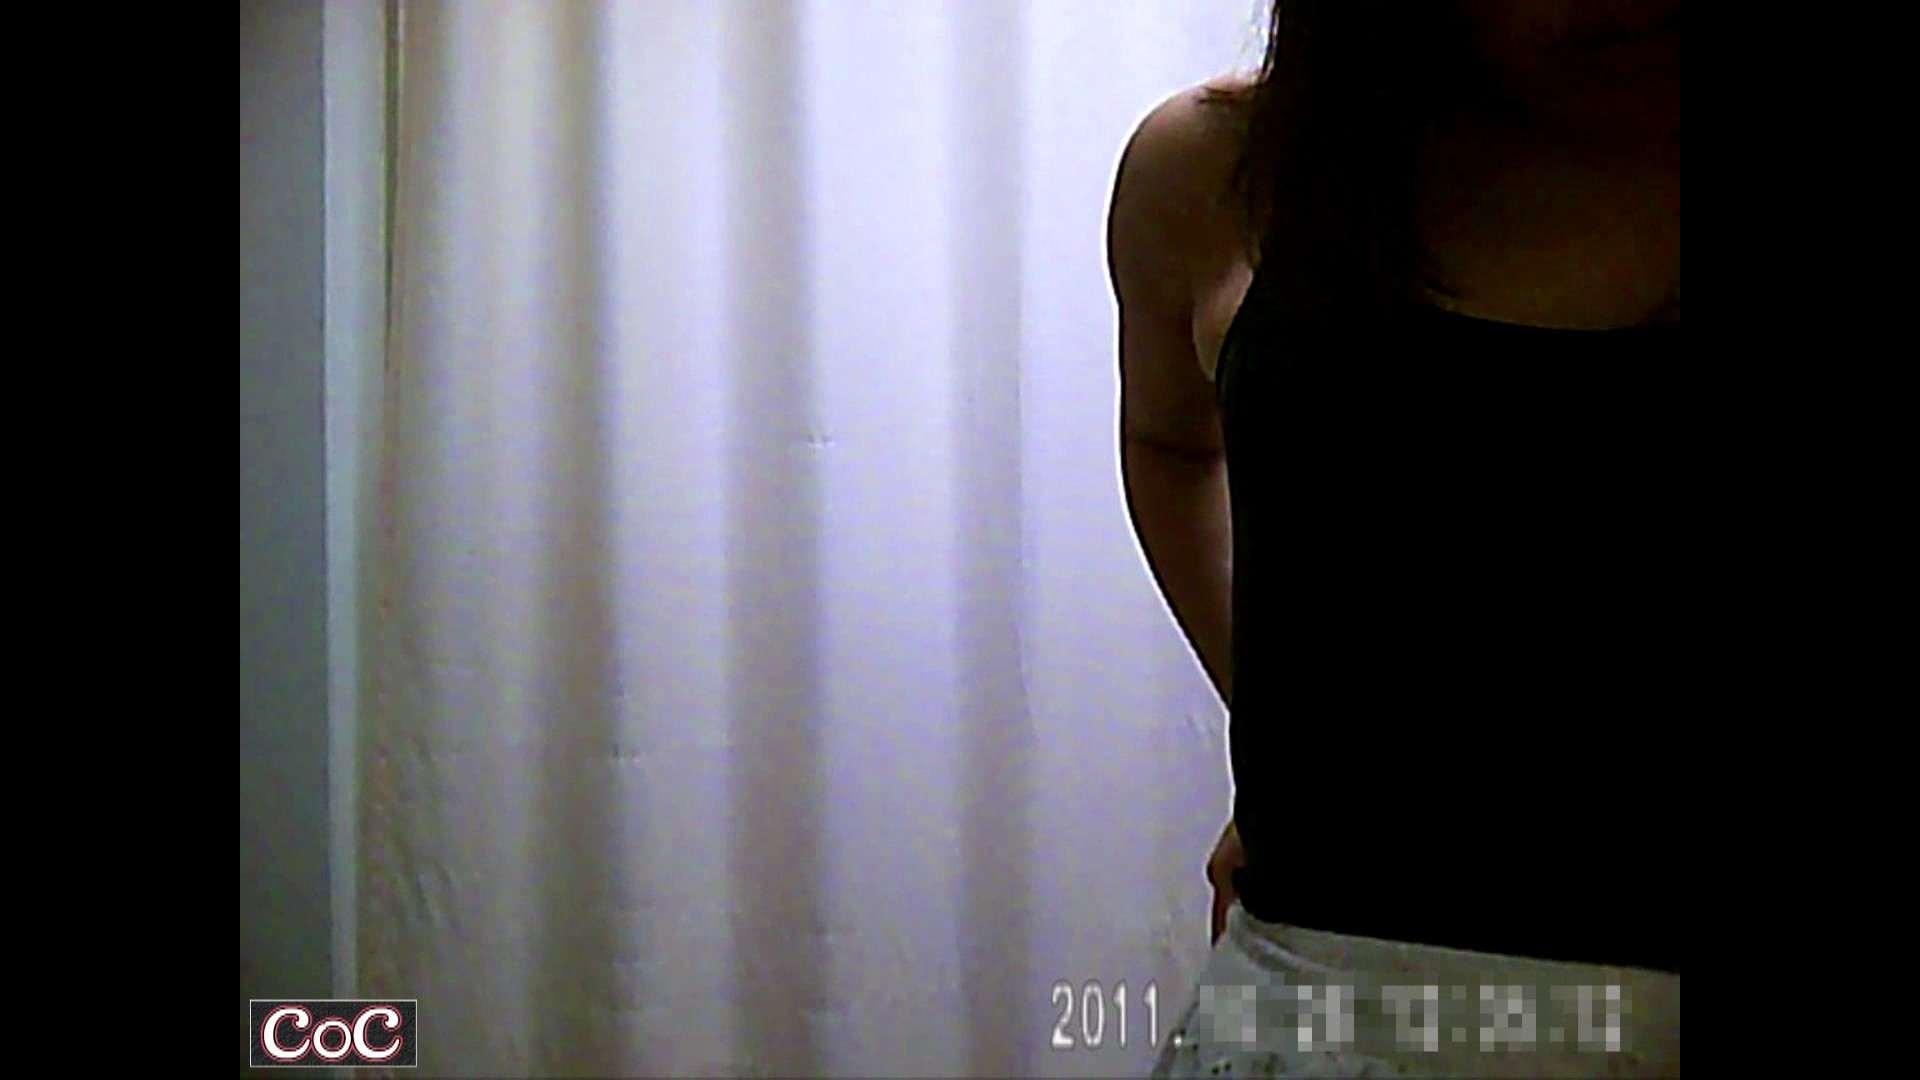 病院おもいっきり着替え! vol.75 巨乳 盗撮オマンコ無修正動画無料 86PICs 61